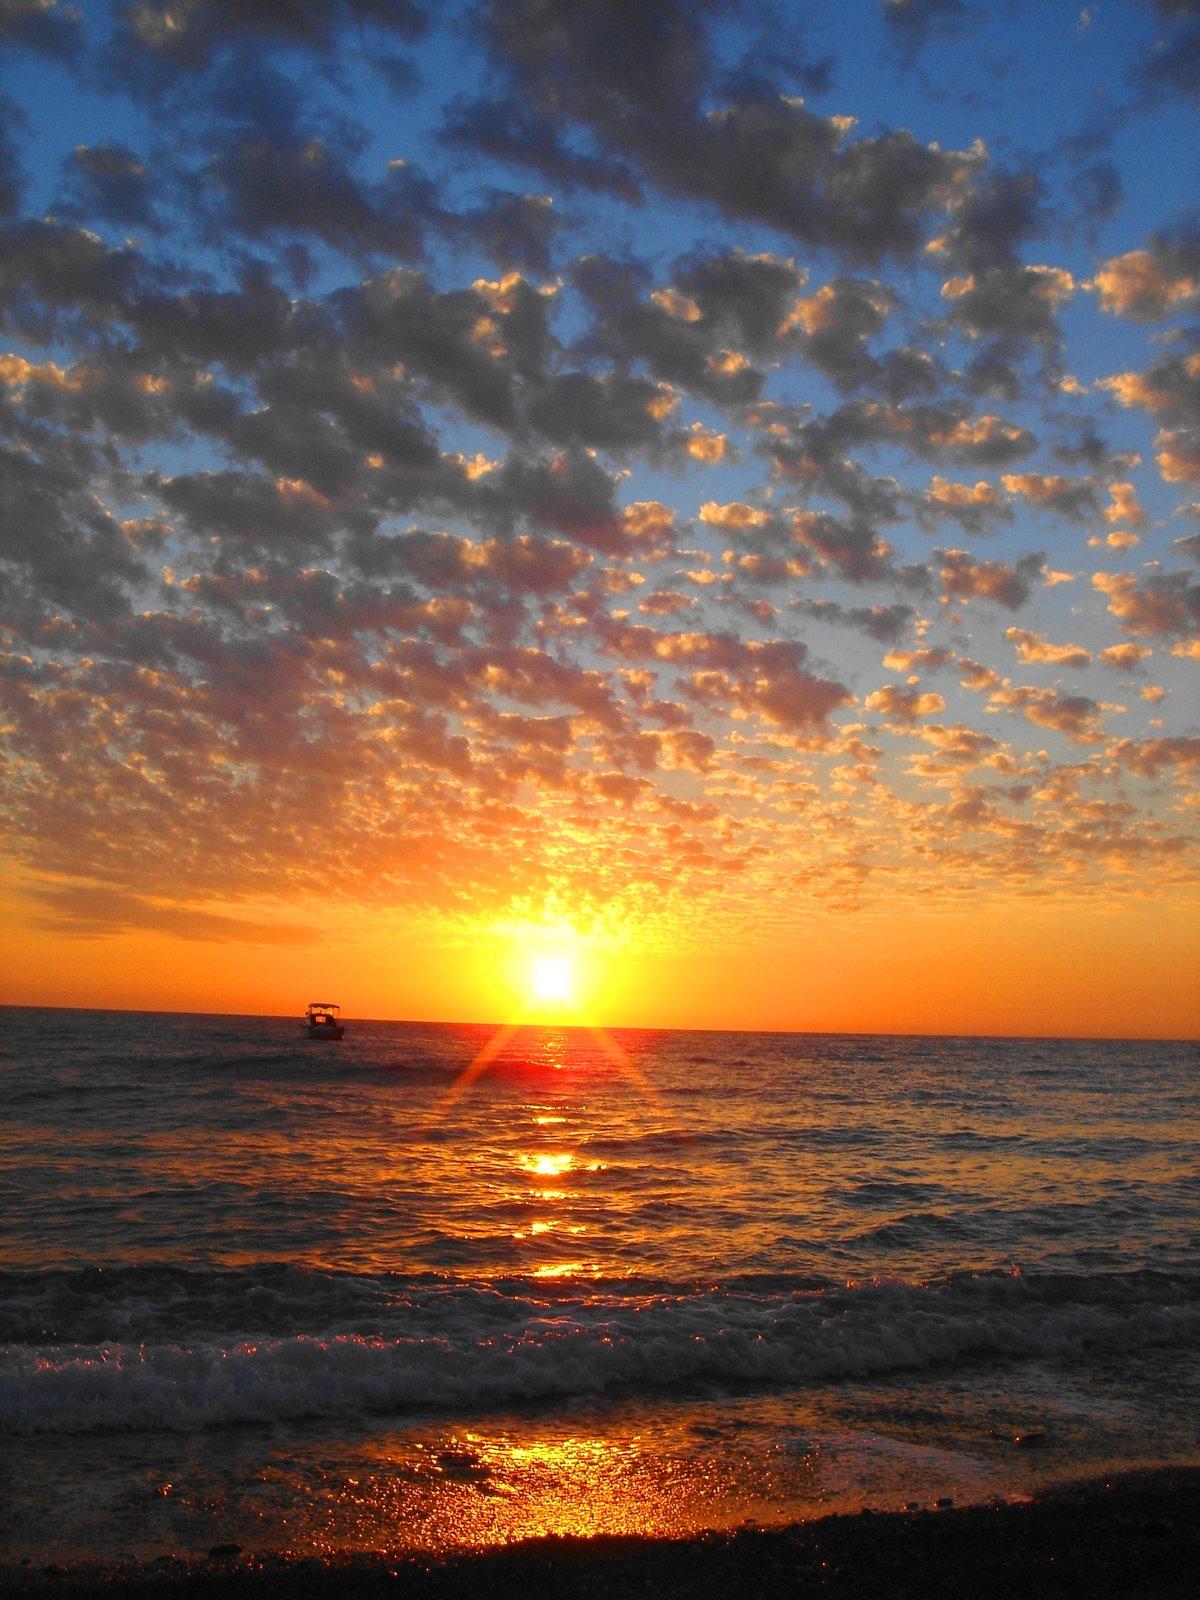 Закат солнца на море картинки